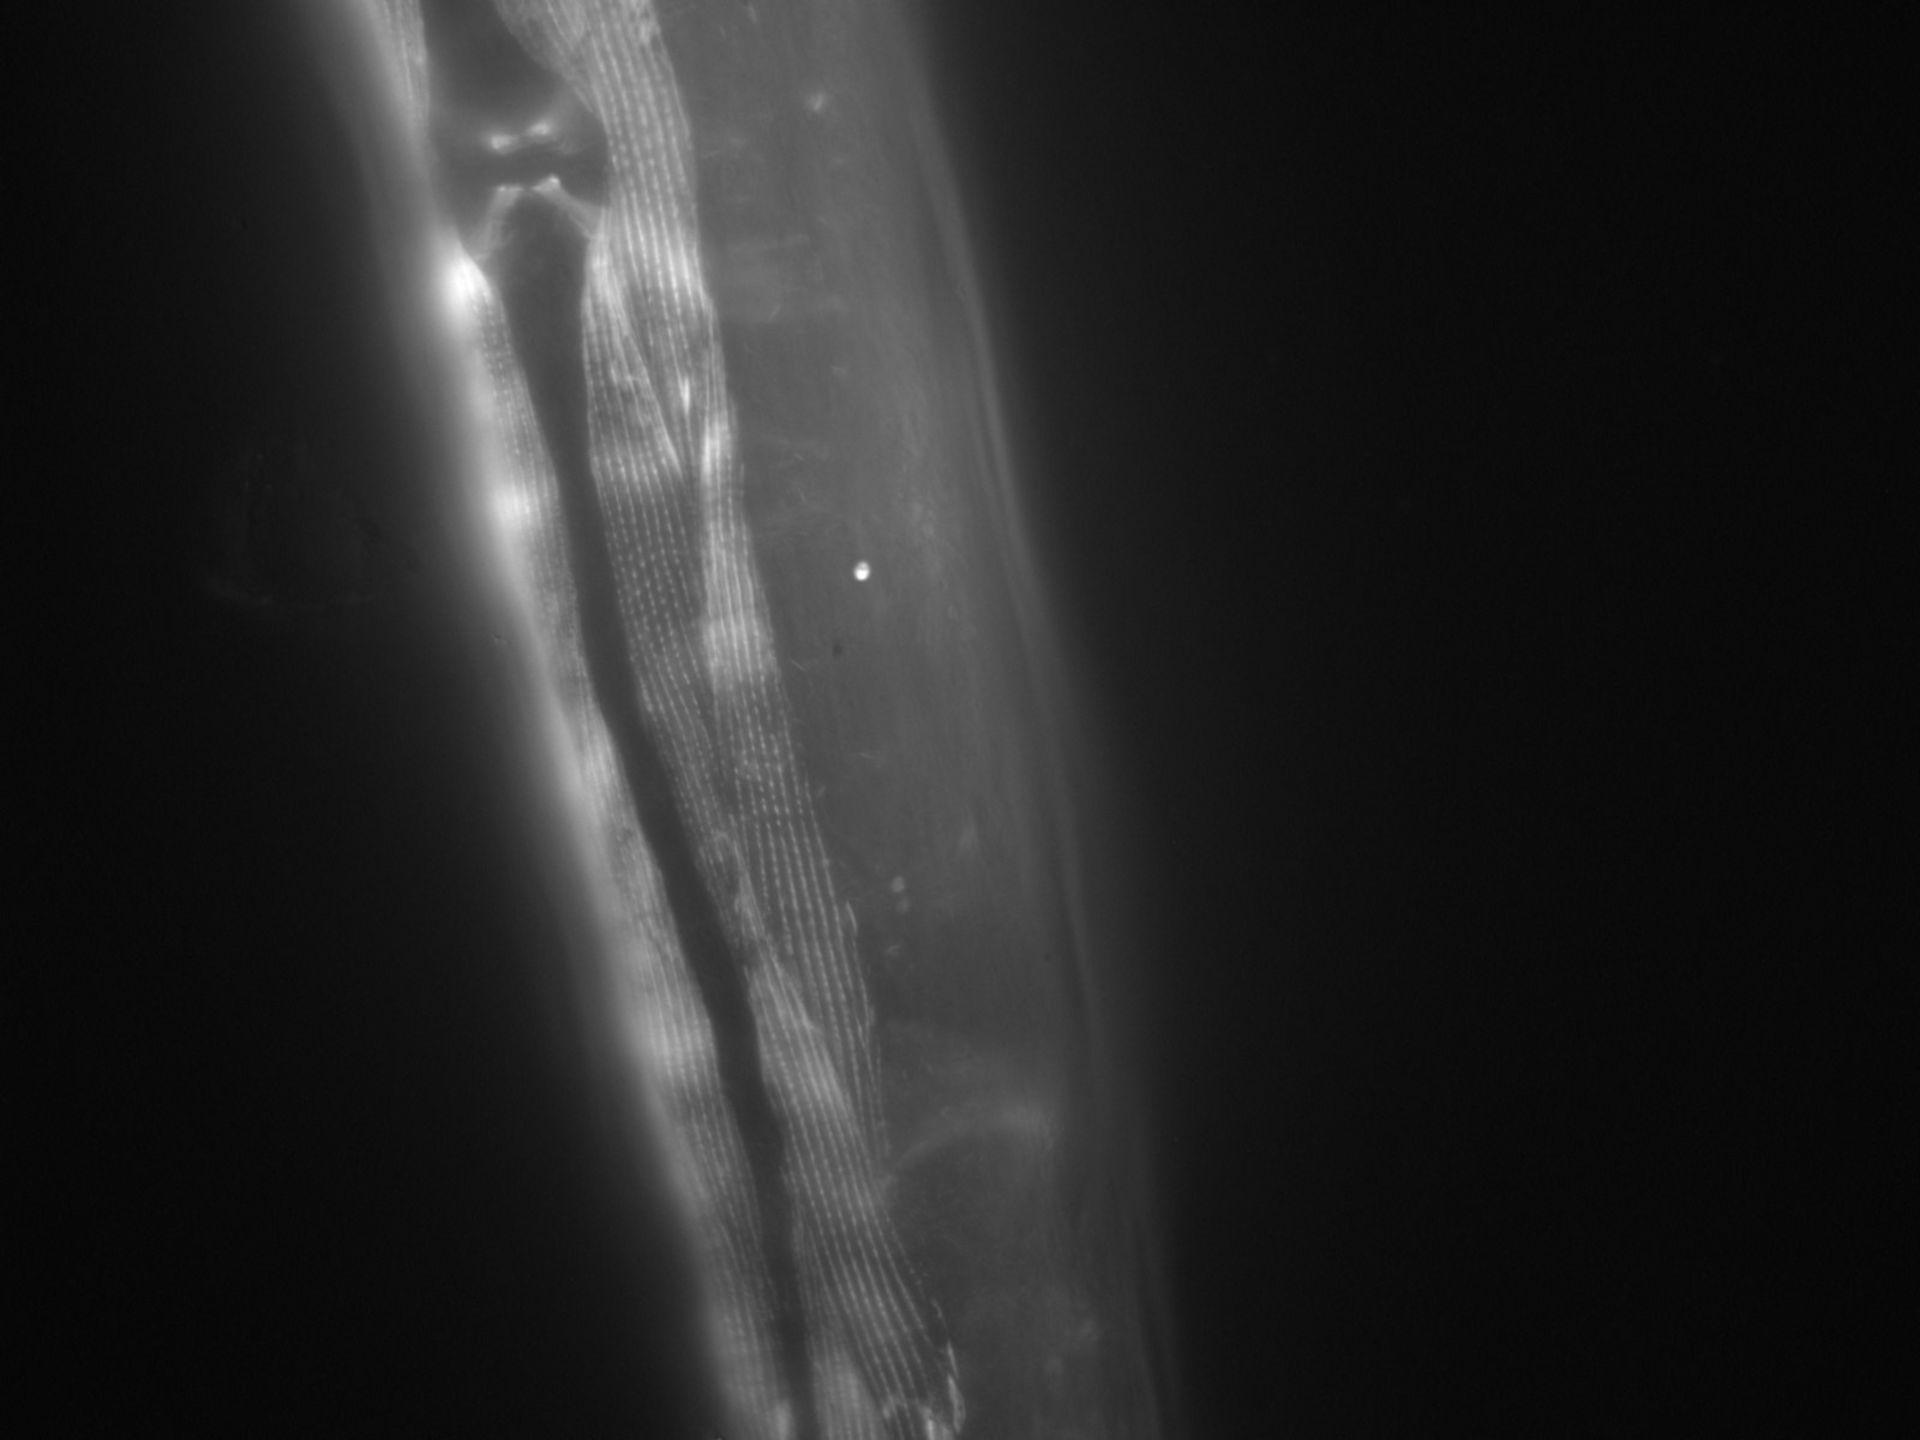 Caenorhabditis elegans (Actin filament) - CIL:1010